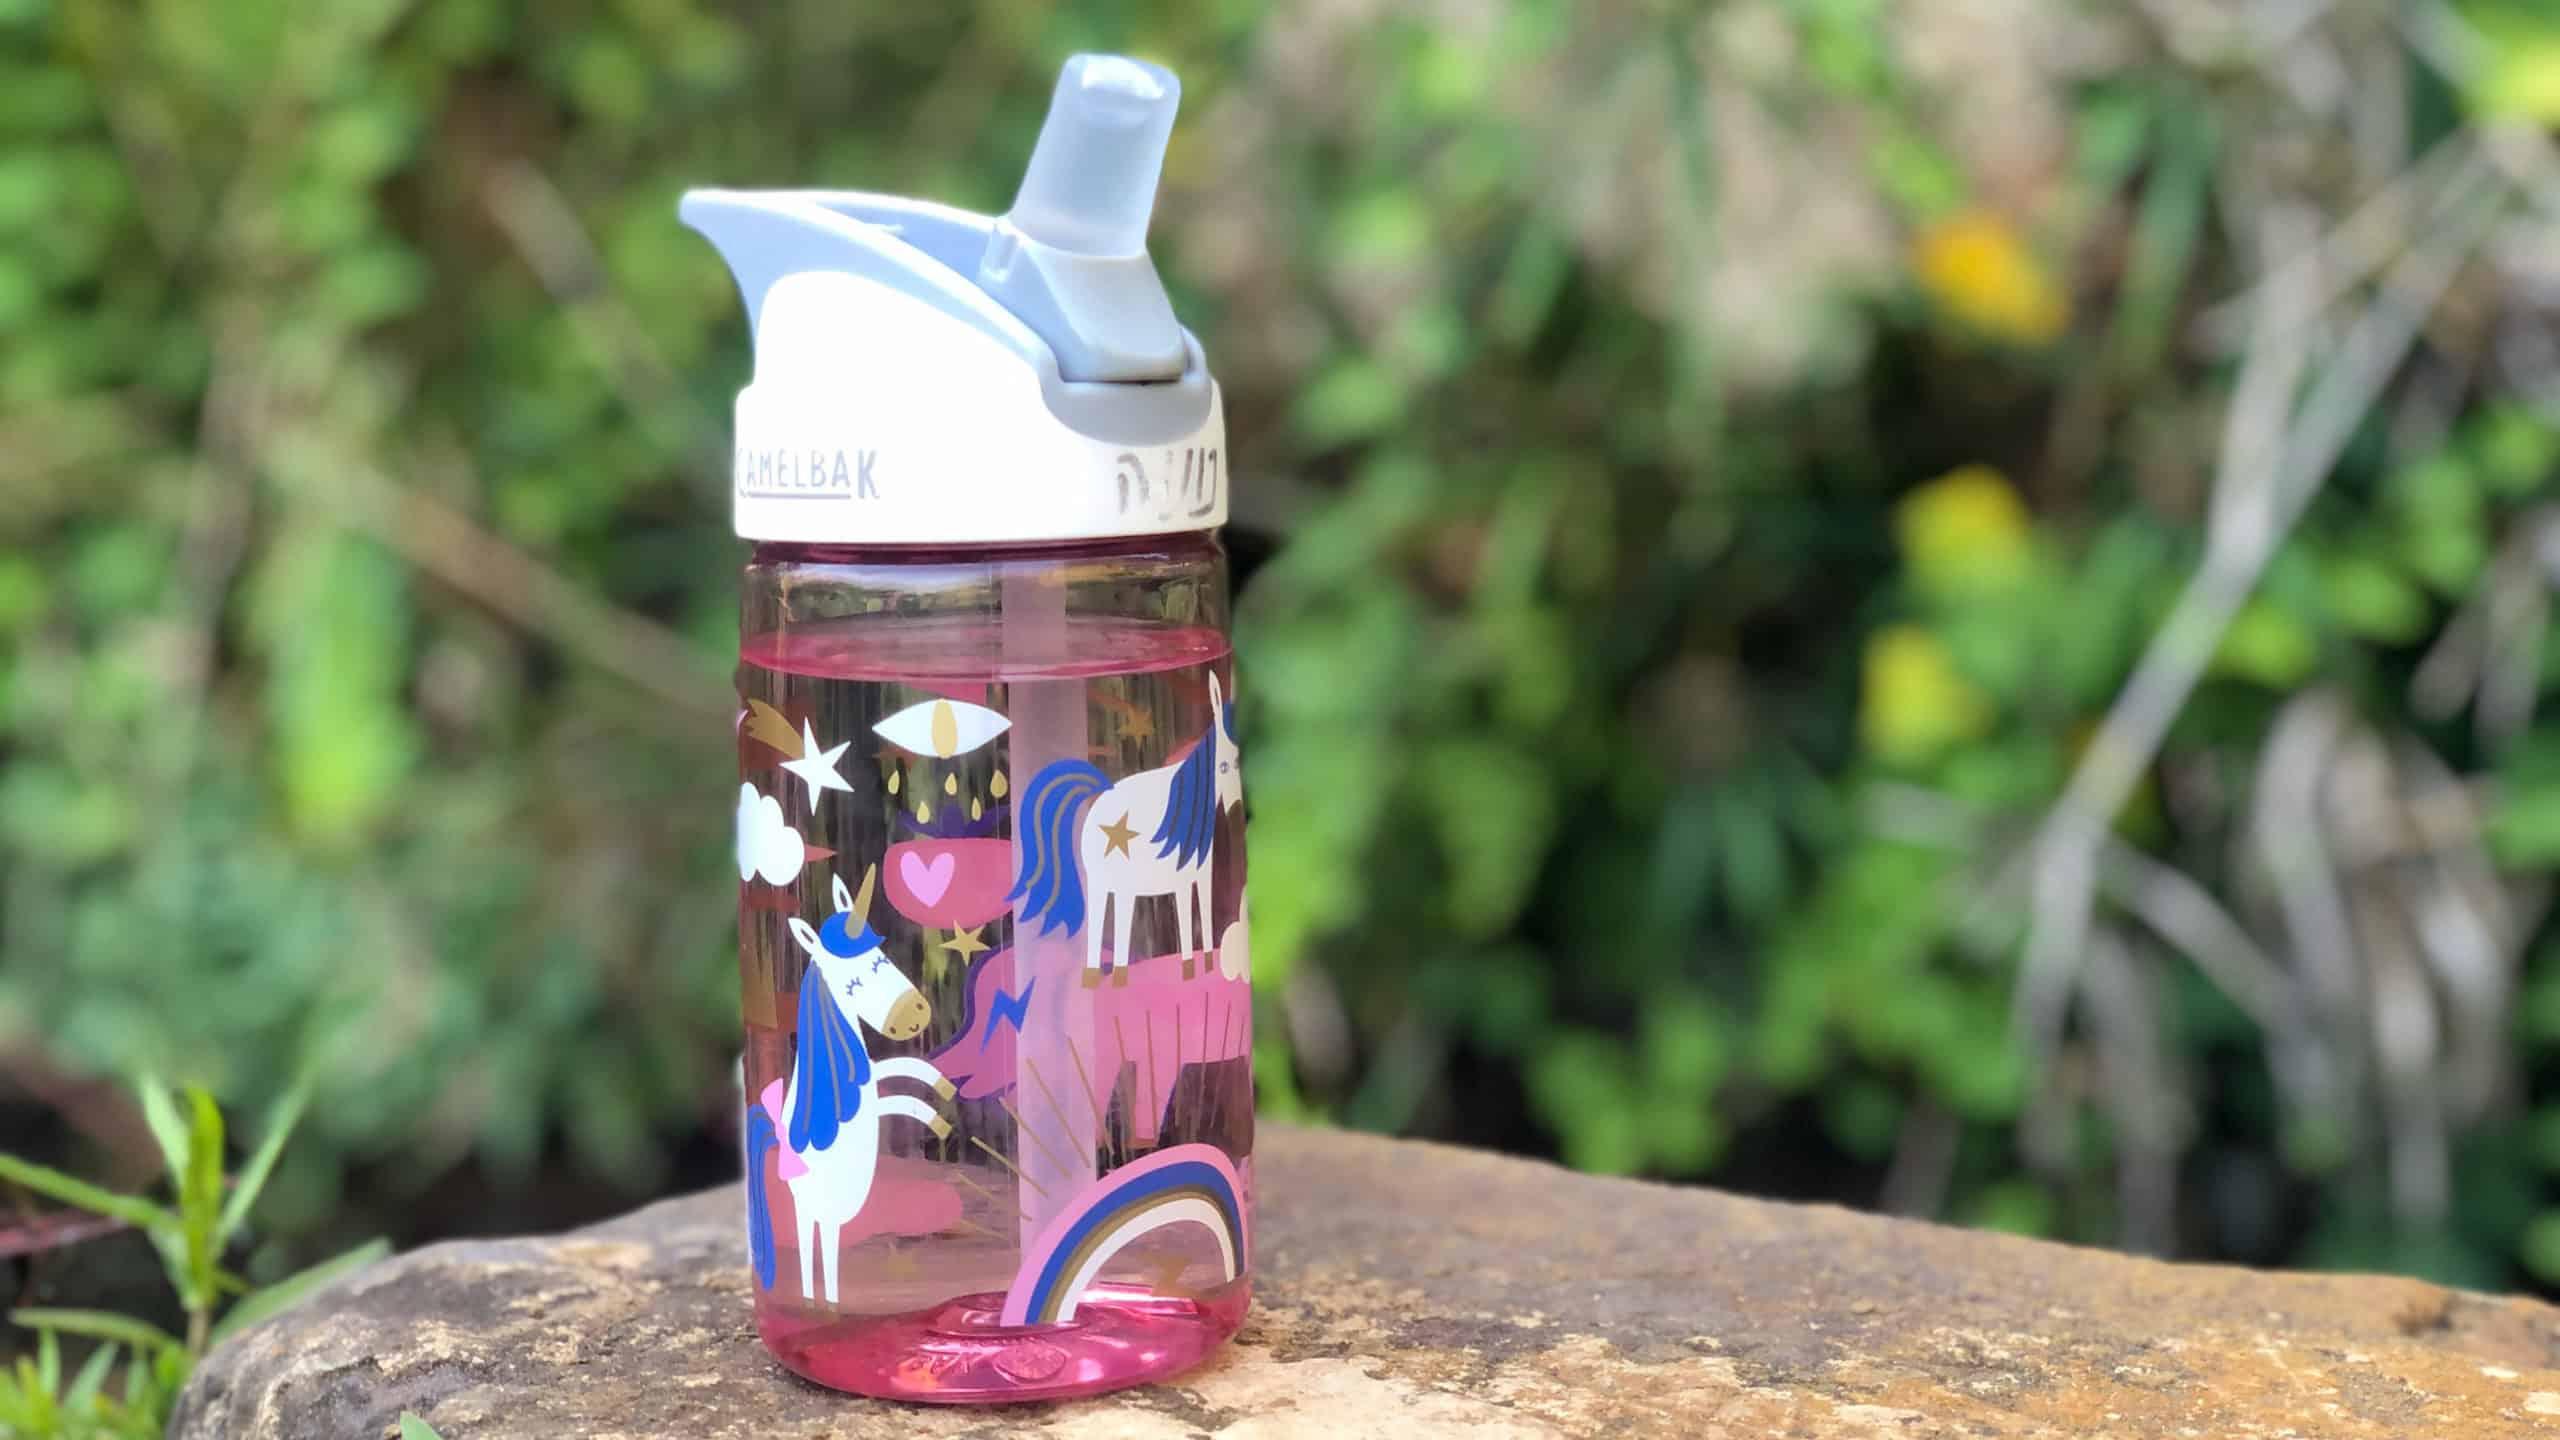 בקבוקי המים הטובים ביותר לילדים